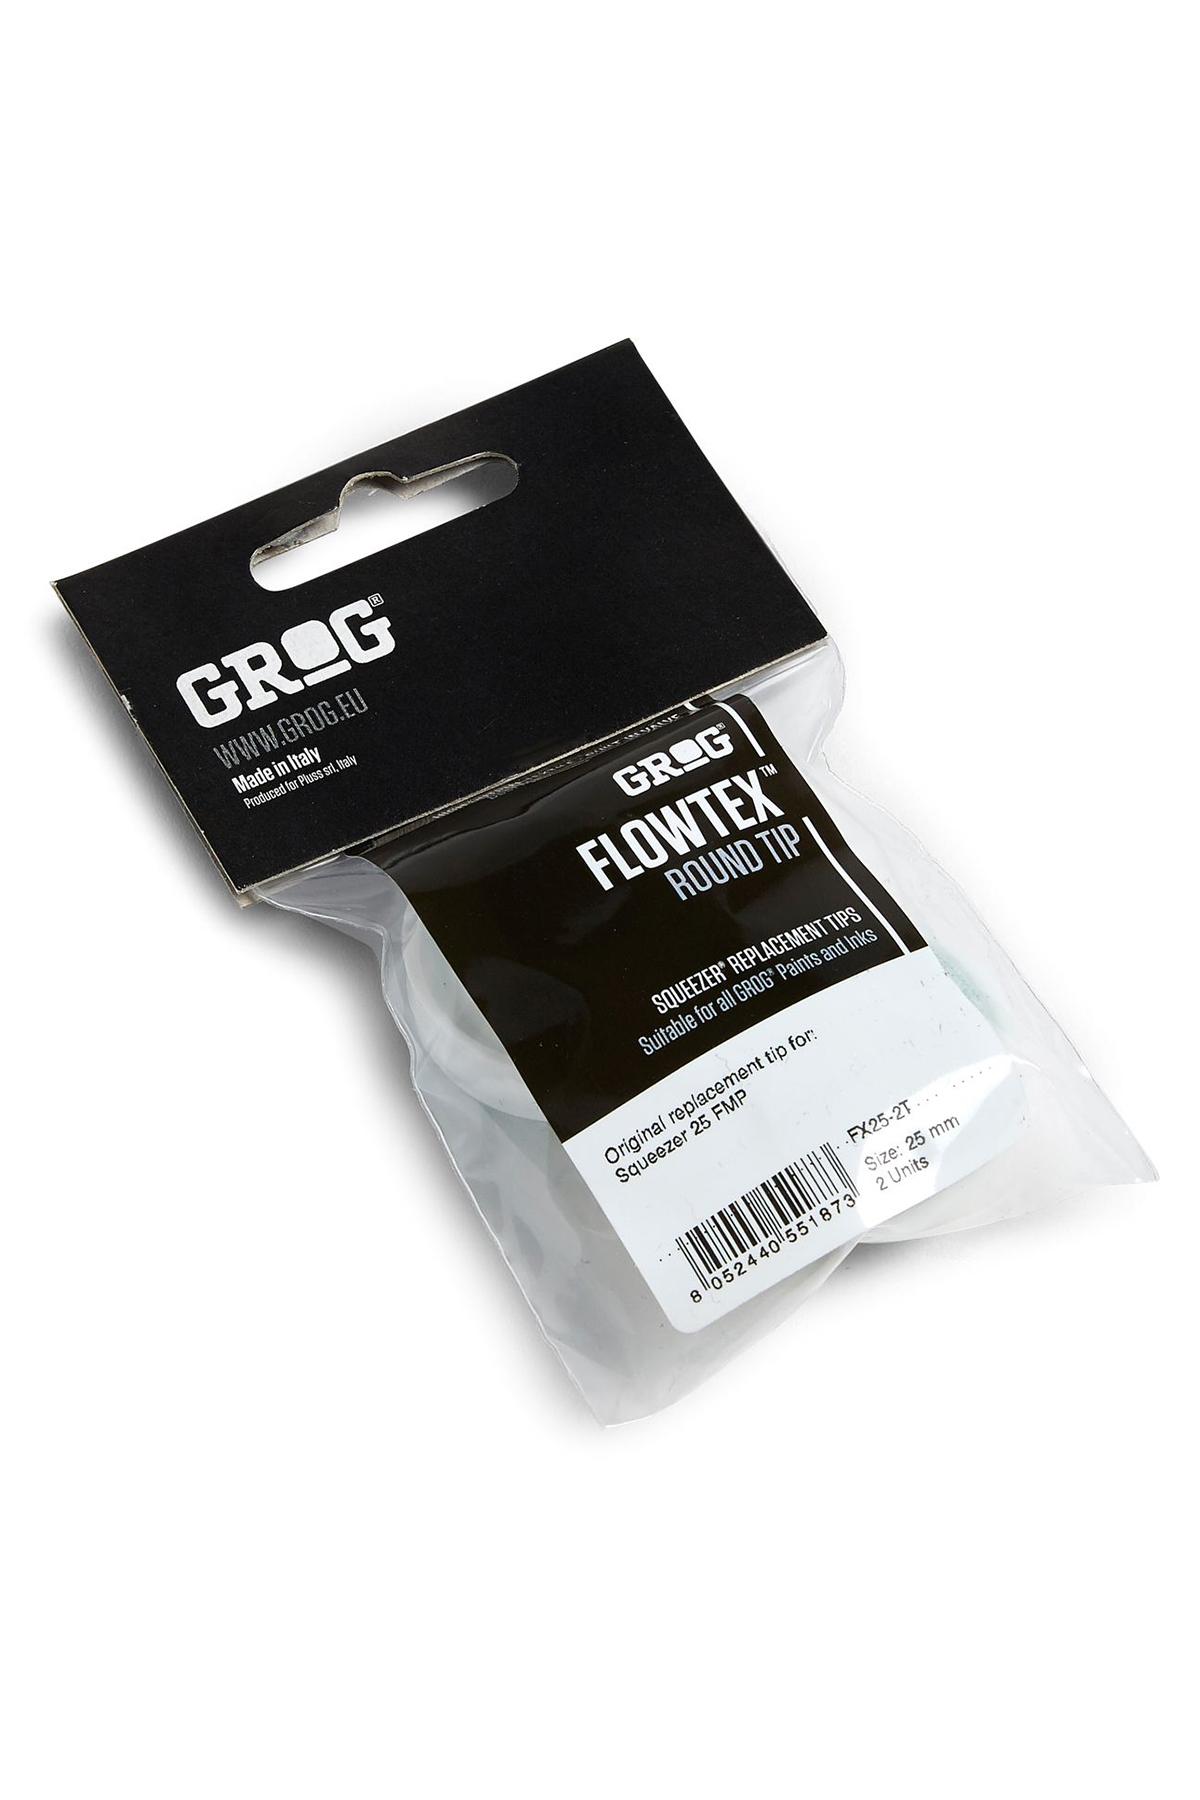 Grog FLOWTEX 25 EPT 25mm